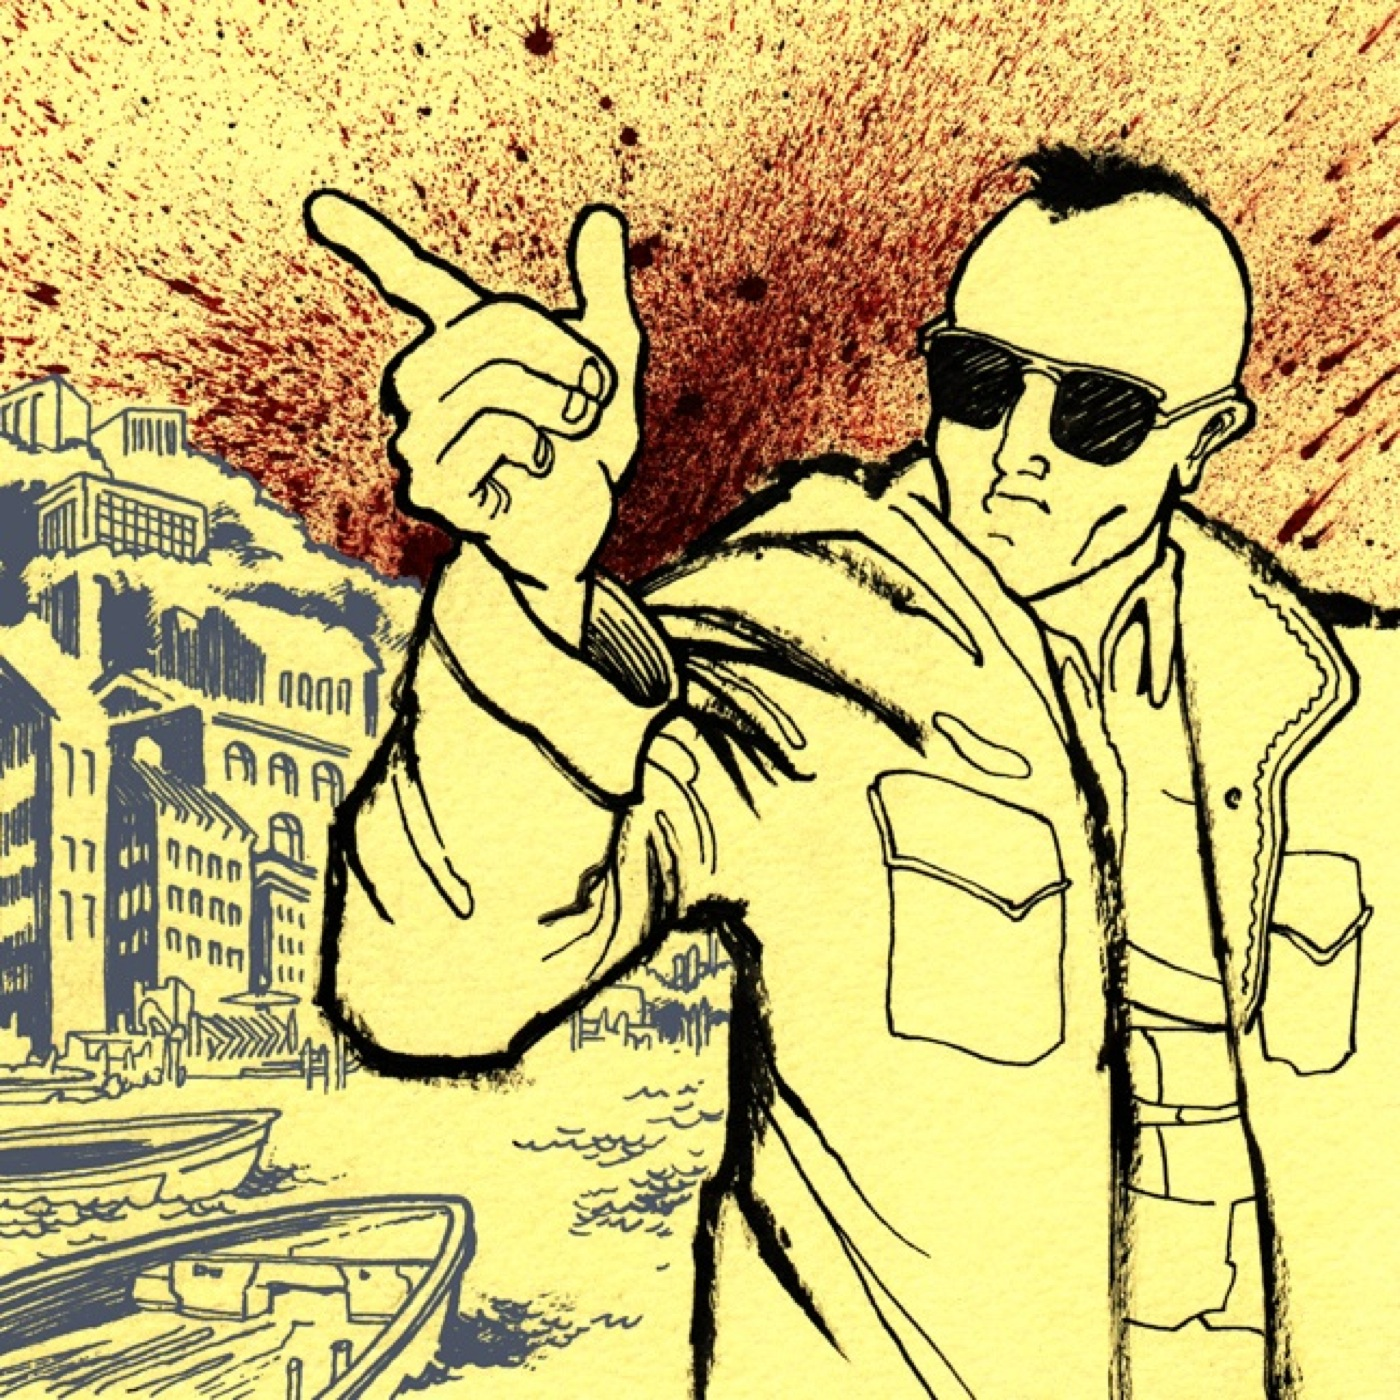 Artwork for I wish that I grew up next to Jeffrey Dahmer.